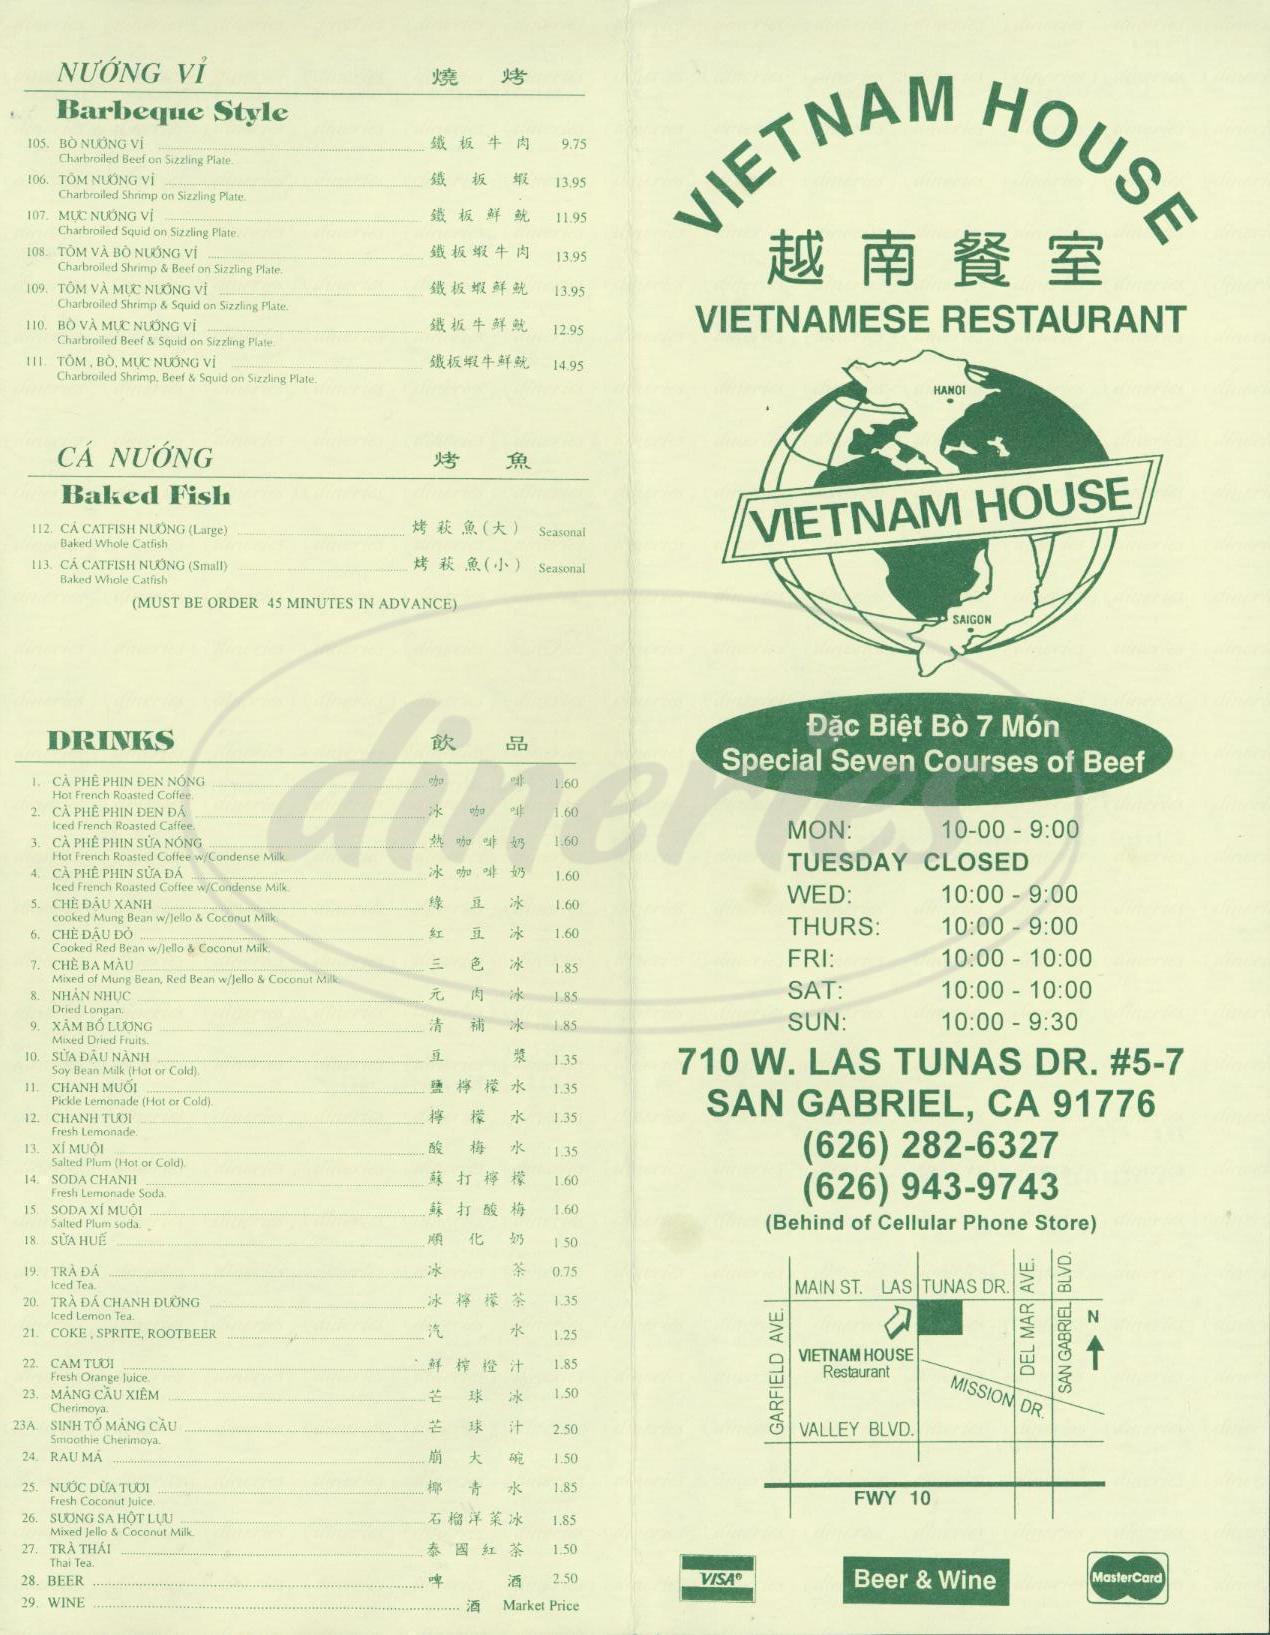 menu for Vietnam House